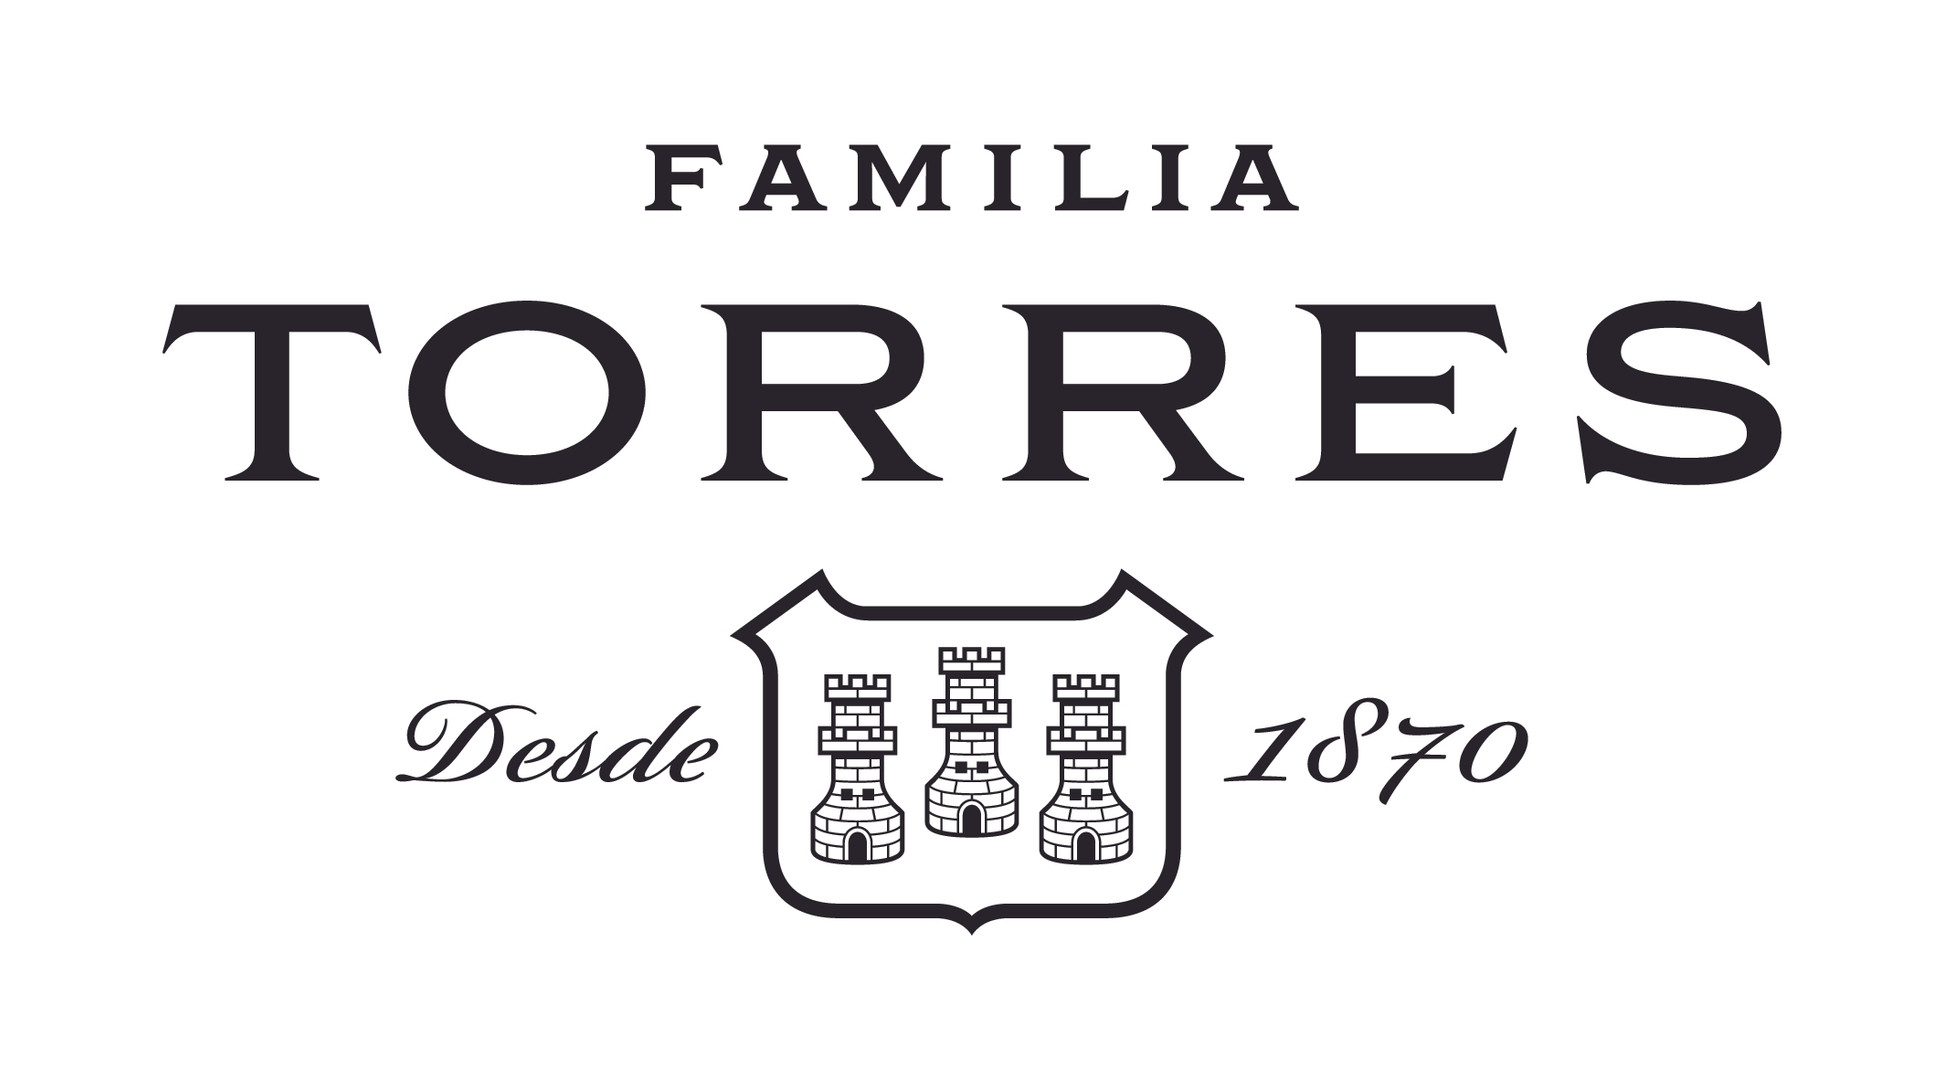 logo_familiatorres_negro.jpg